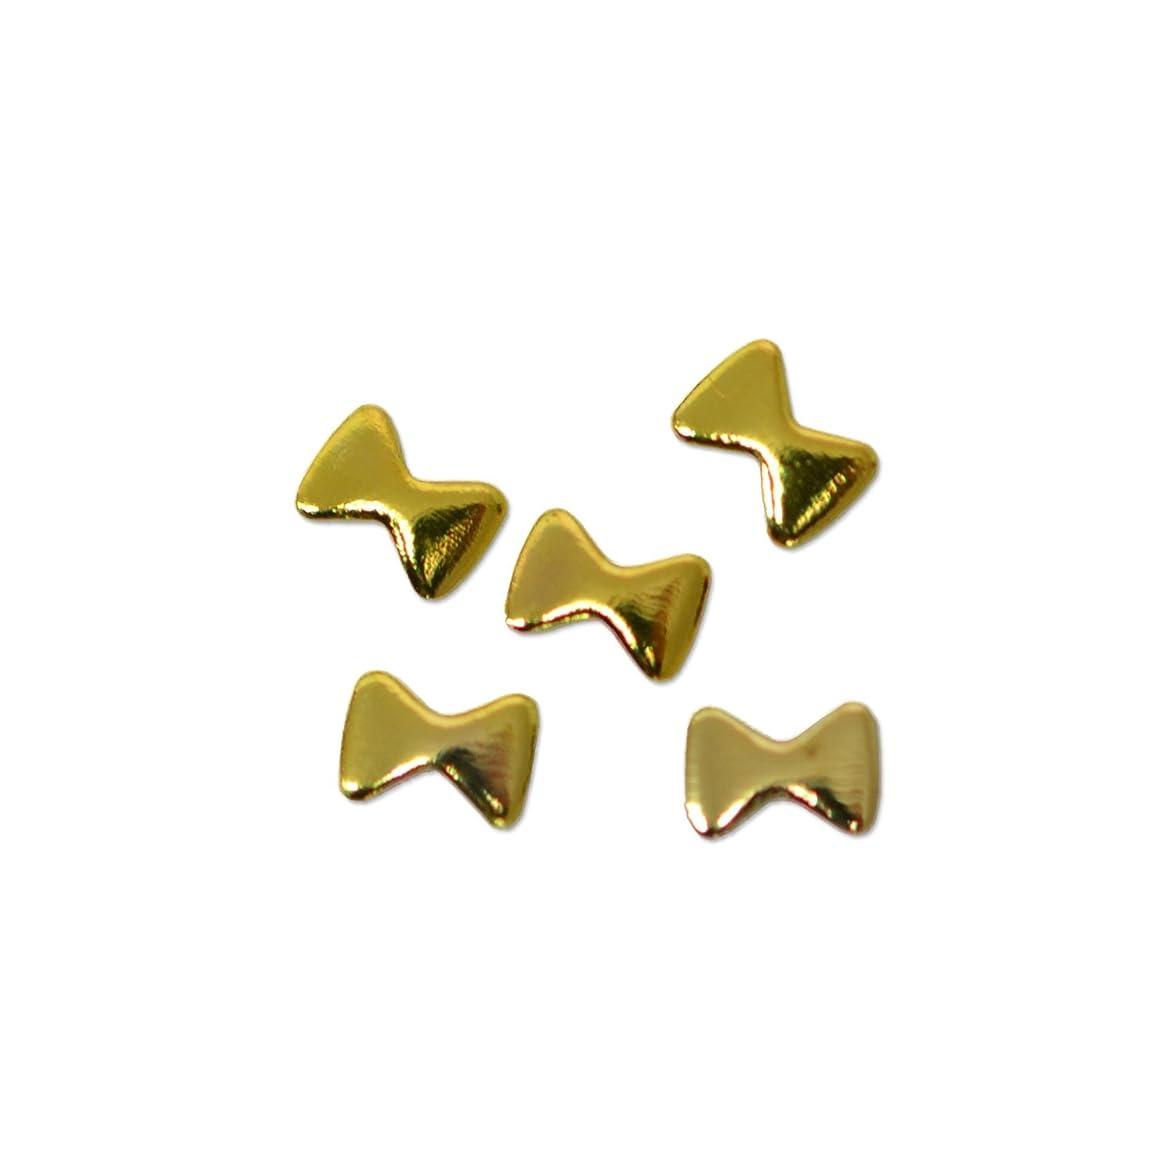 ひらめきコールド宗教メタルパーツ ミニキャンディー リボン 2mm×3mm (ゴールド)/20p入り プリンセスネイル